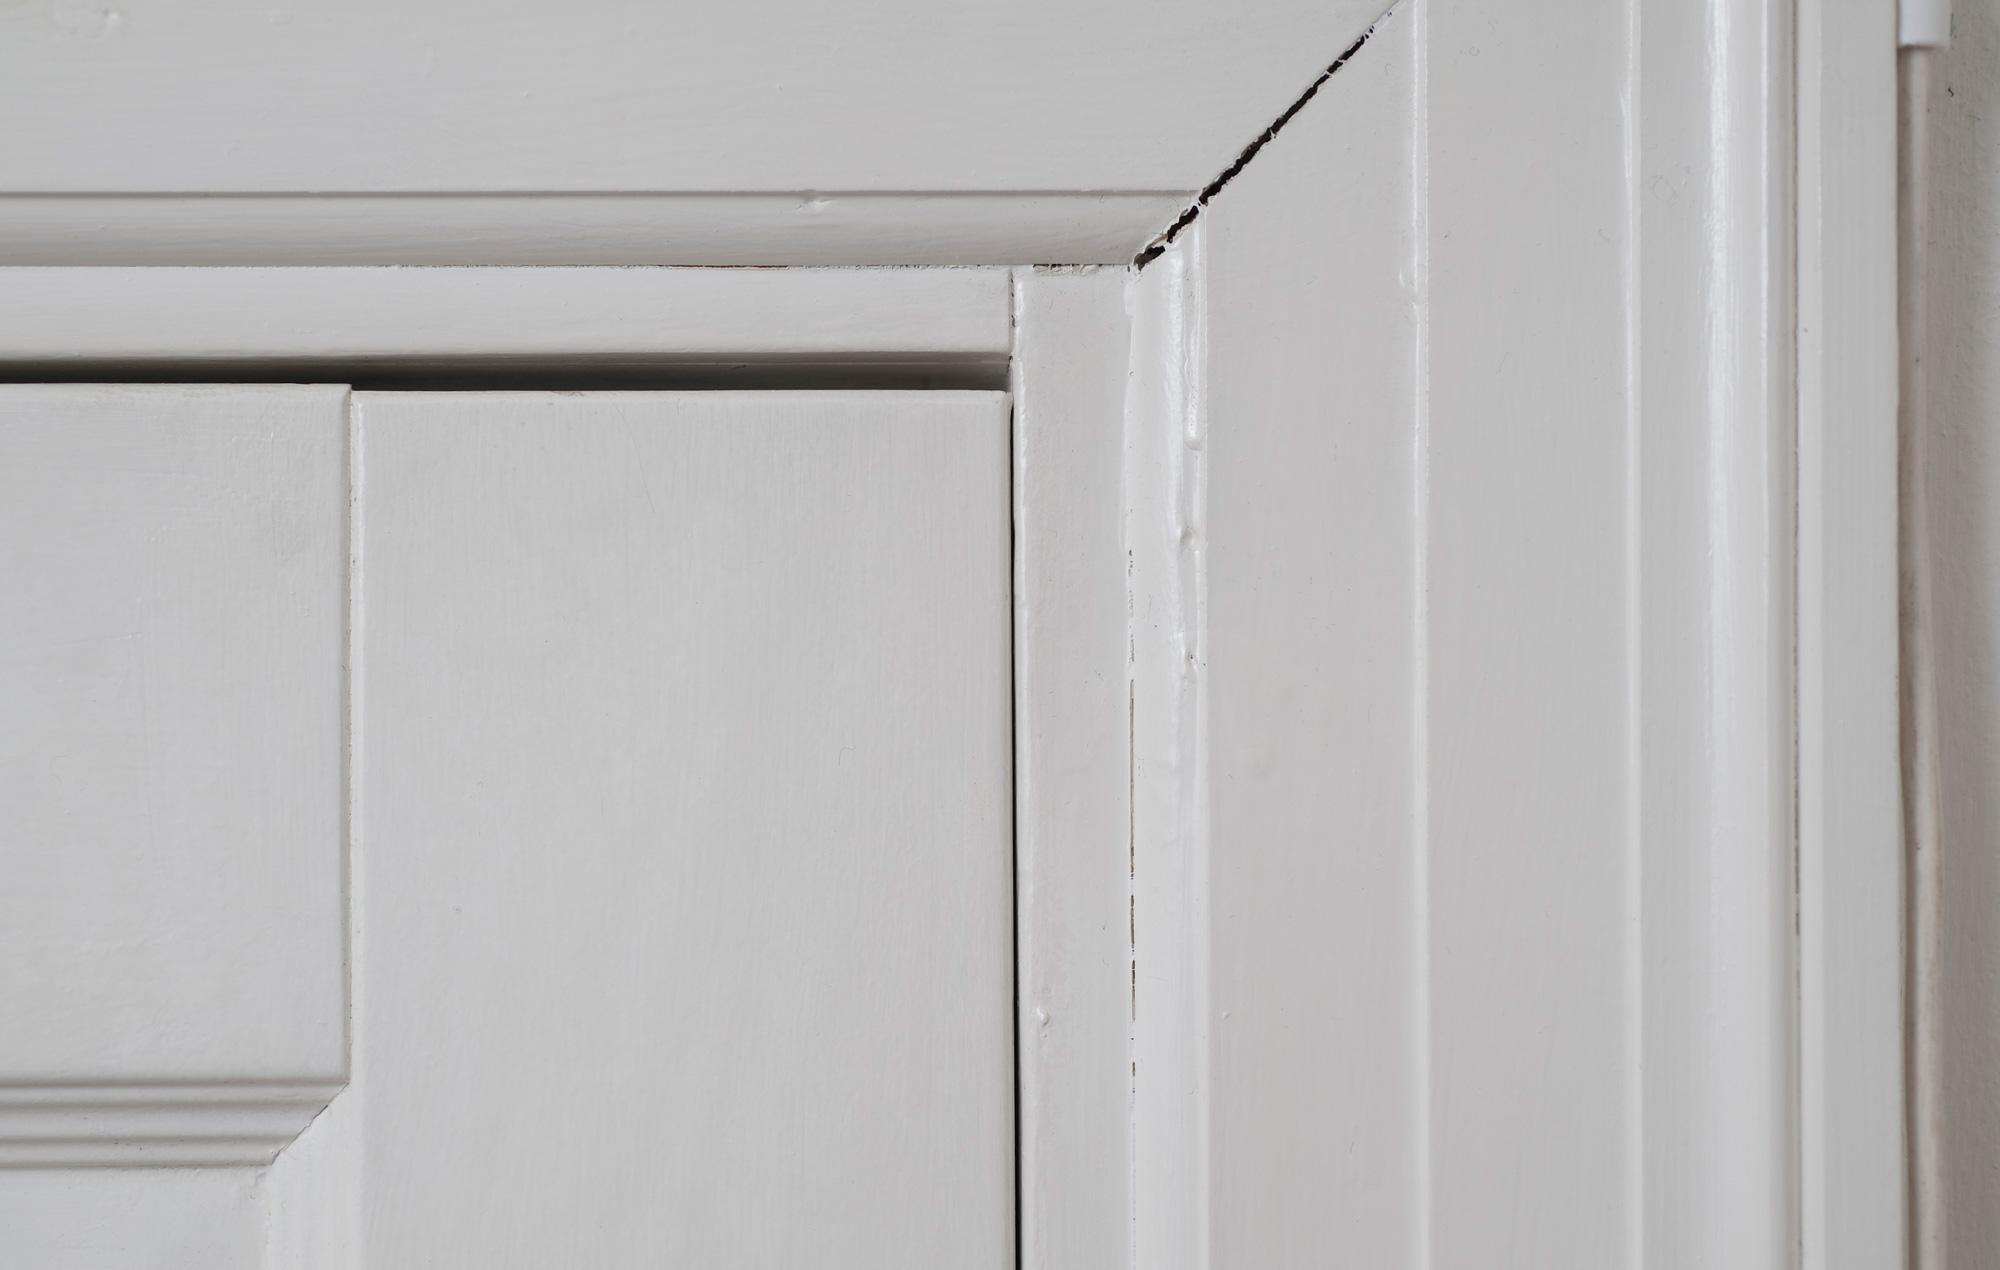 #322F2B Mest effektive Gør Det Selv Fiks Døren Der Binder Gør Det Selv Toning Af Maling 6205 200012706205